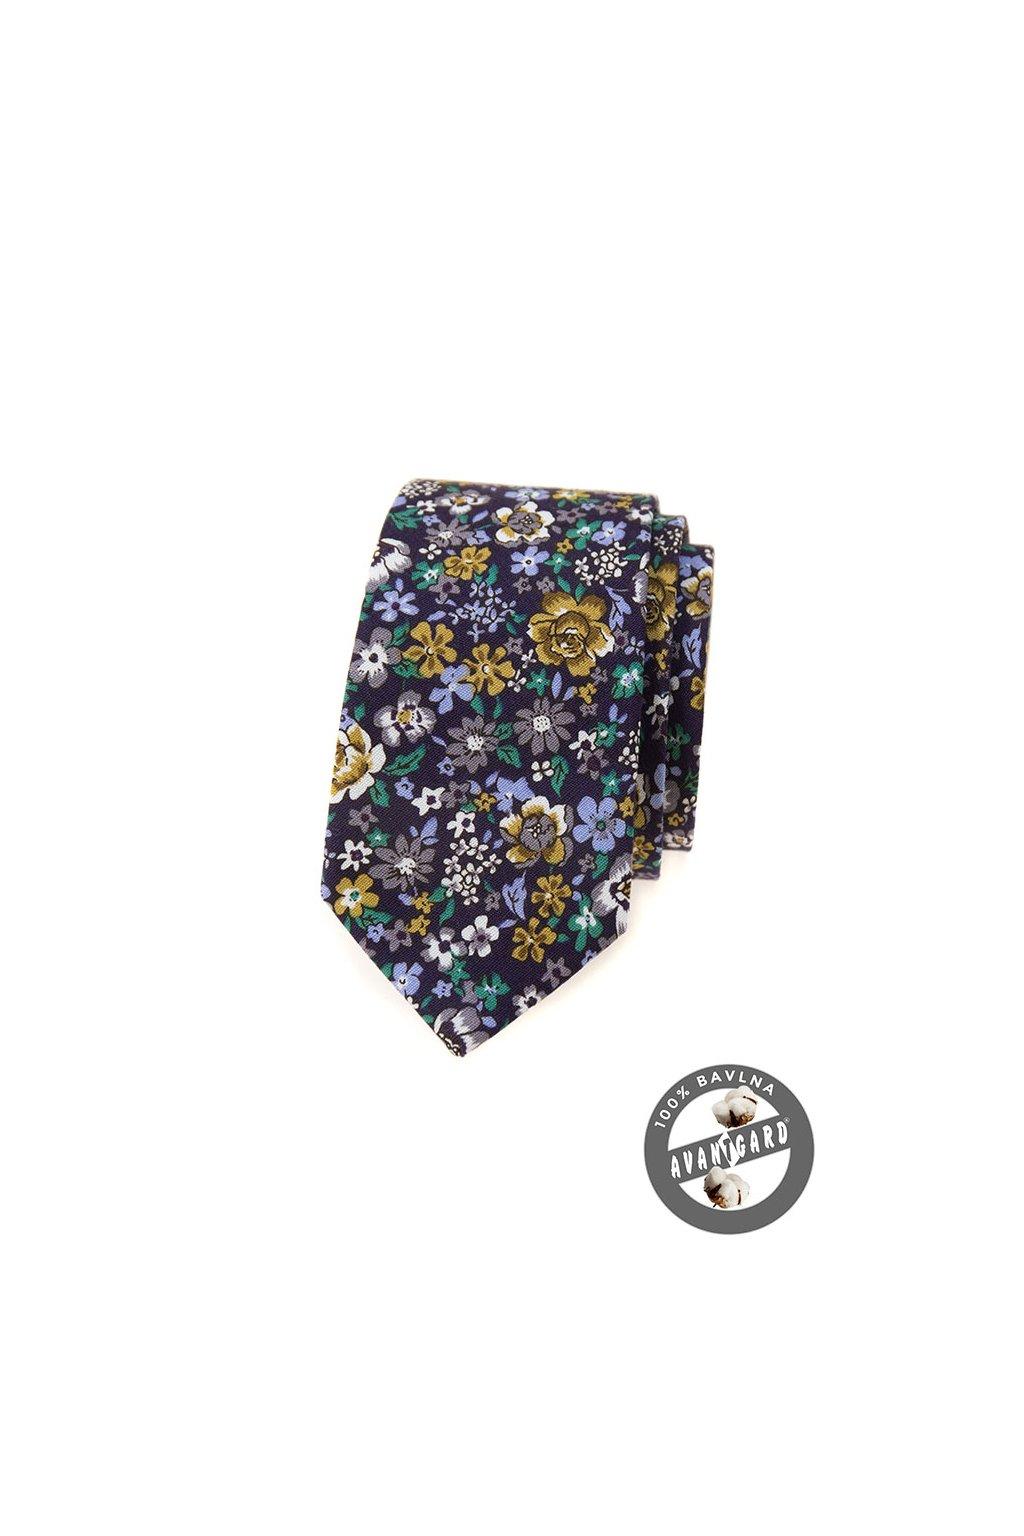 Květovaná fialová luxusní úzká kravata  571 - 51014